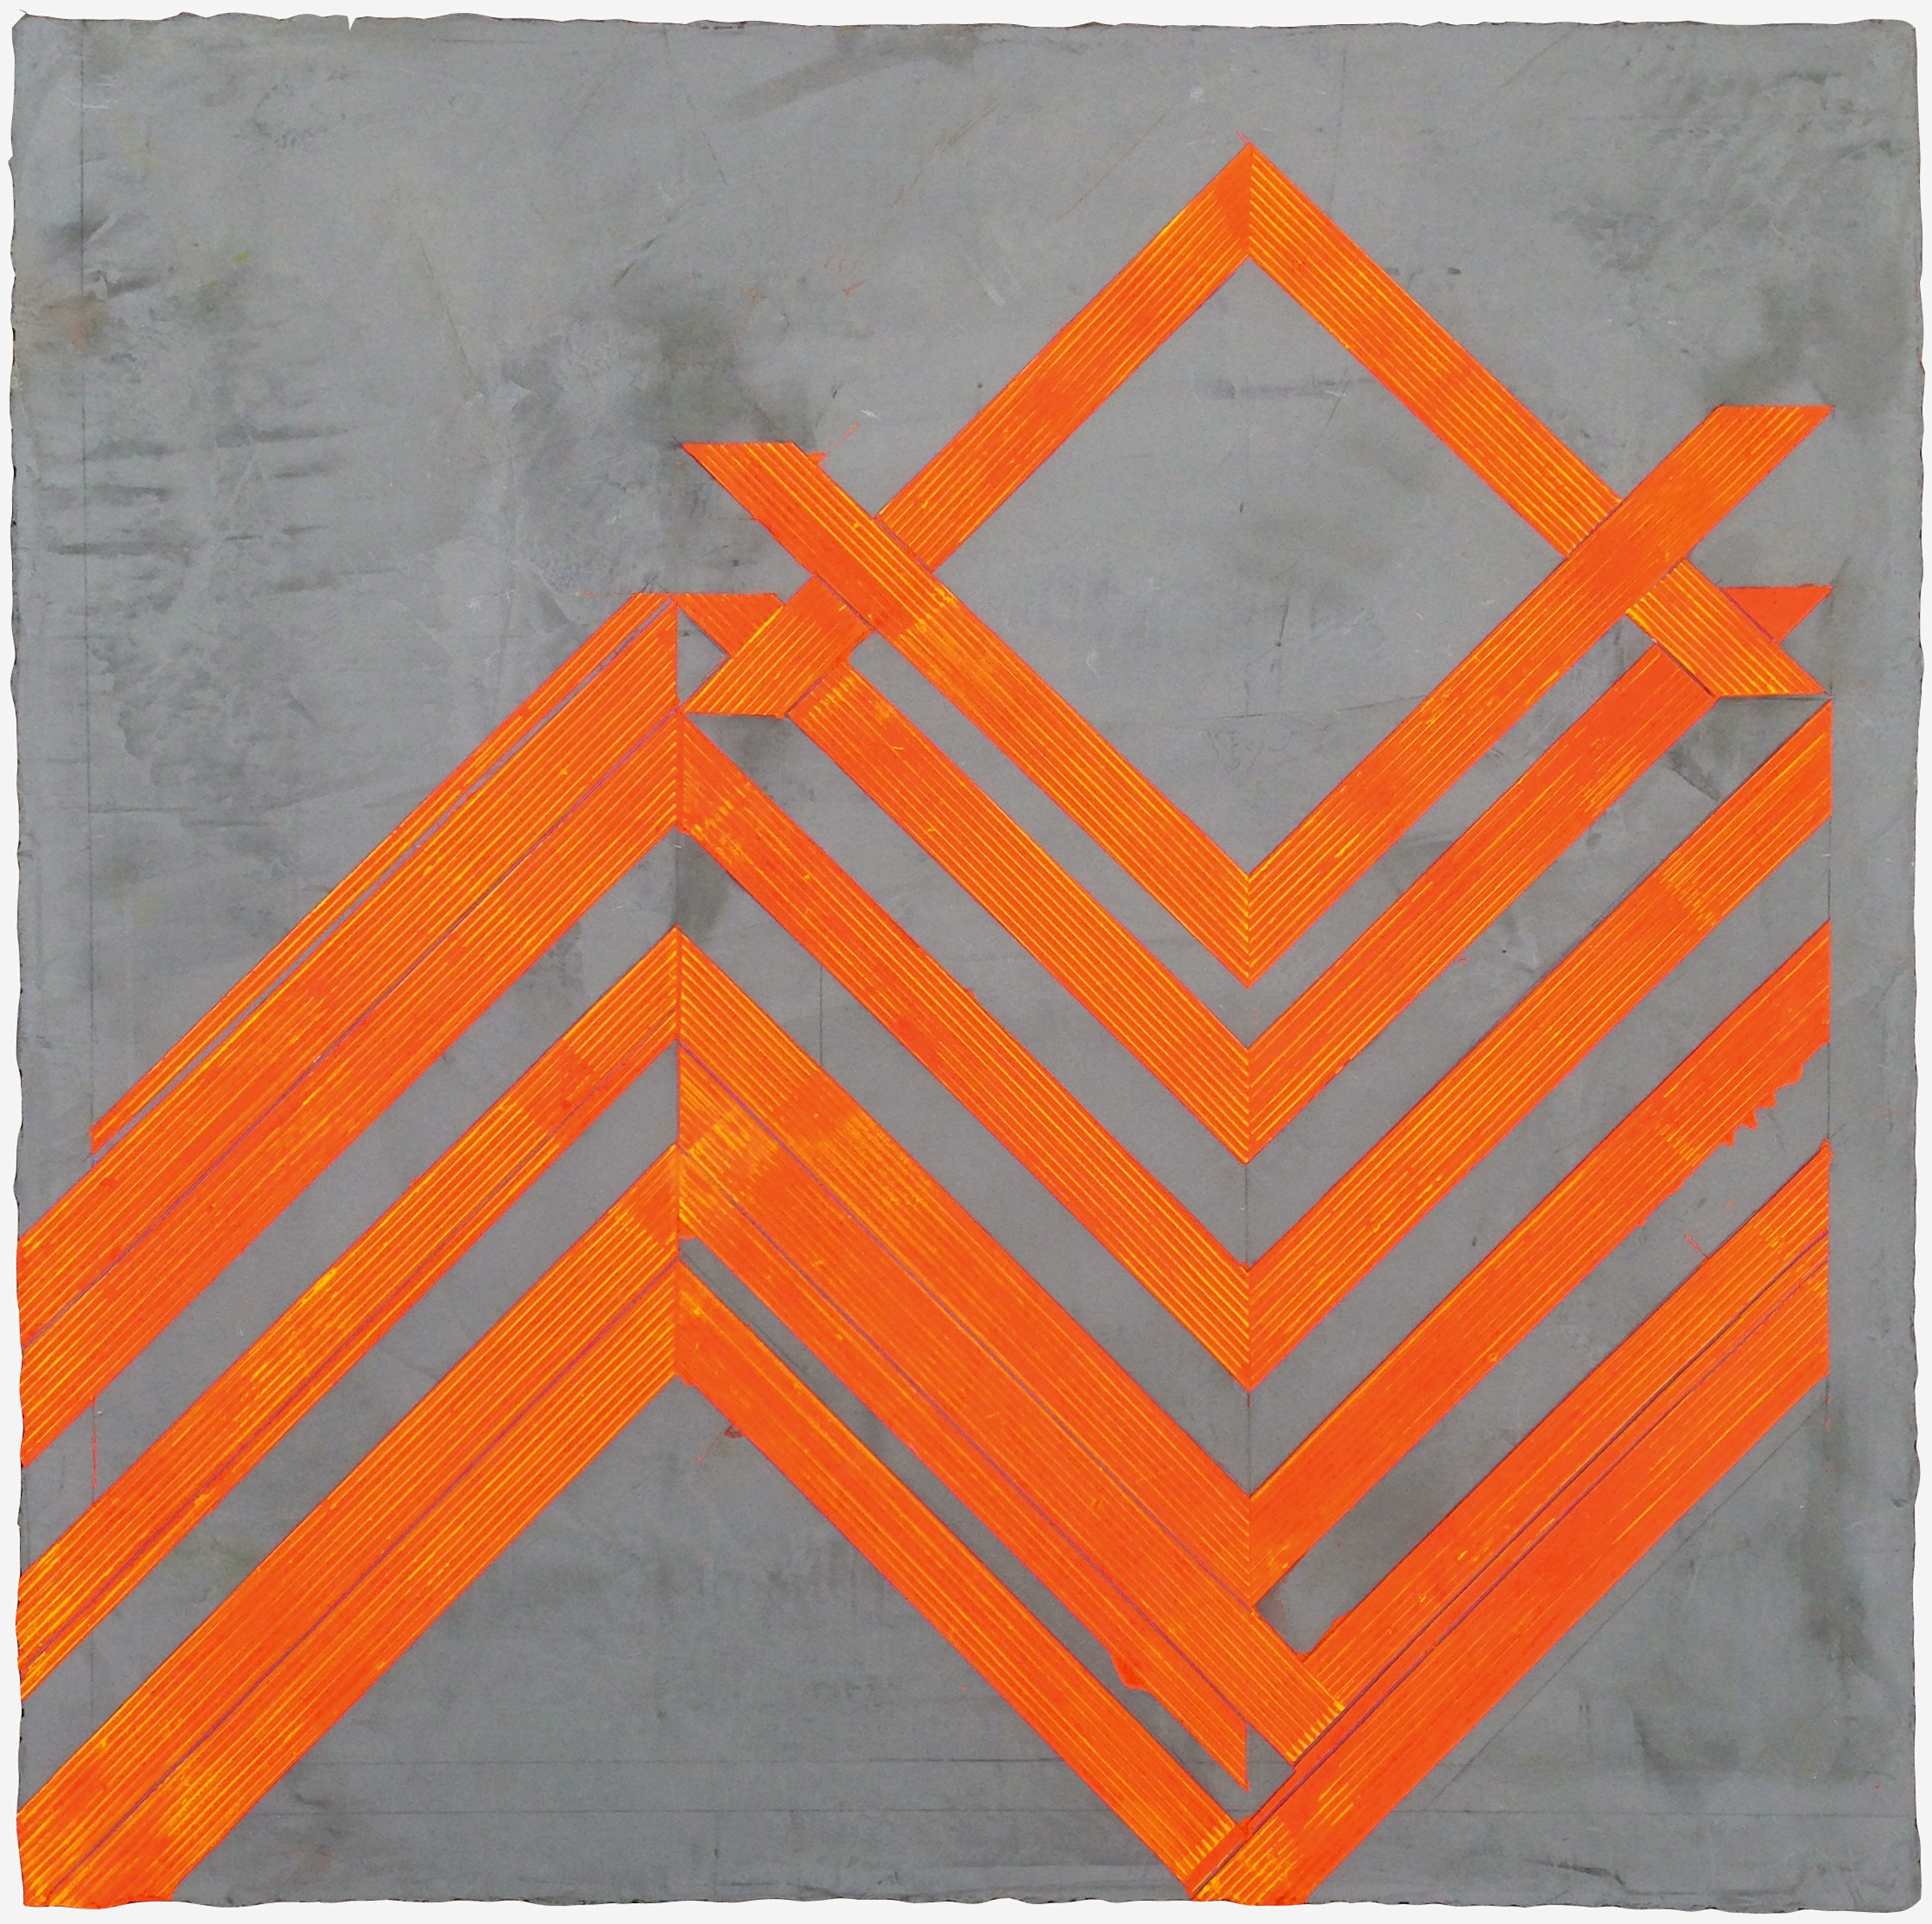 """ELISE FERGUSON   N V V , pigmented plaster on MDF panel, 30"""" x 30"""", 2014"""